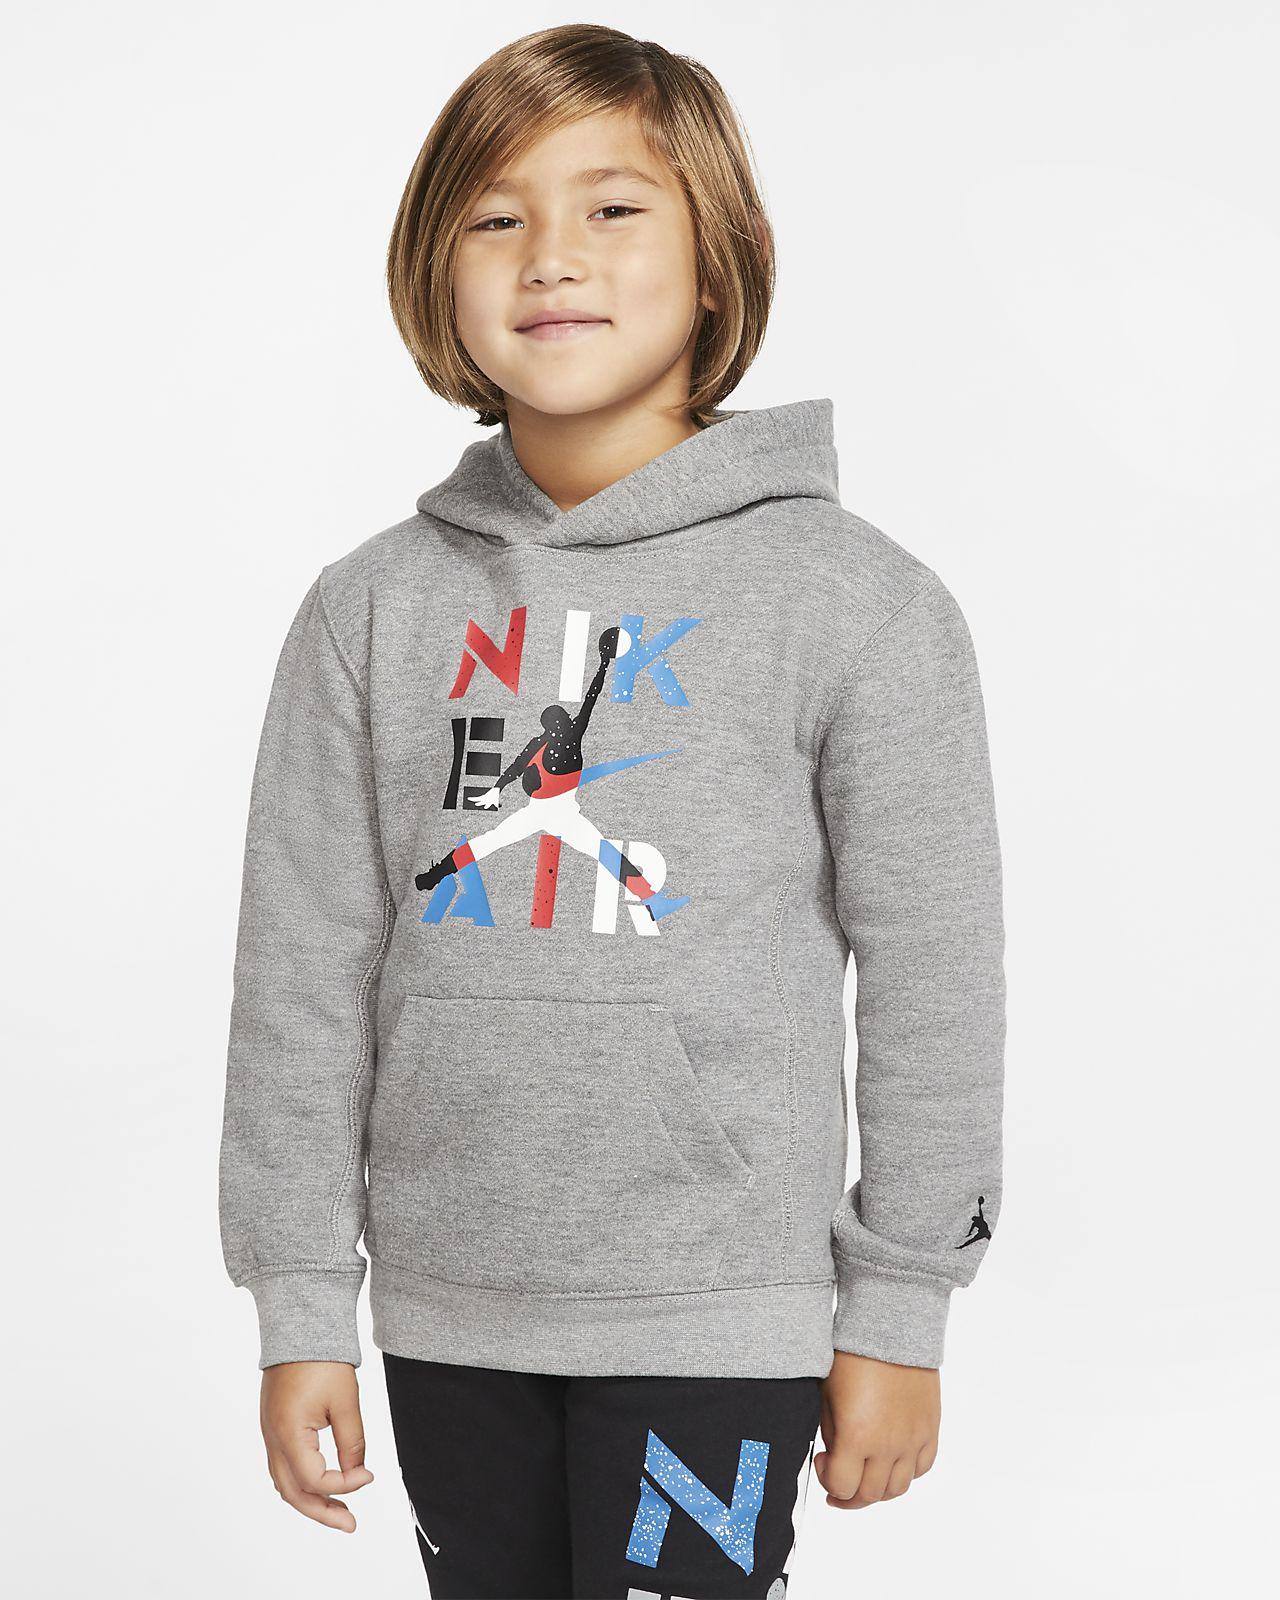 Air Jordan Hoodie für jüngere Kinder